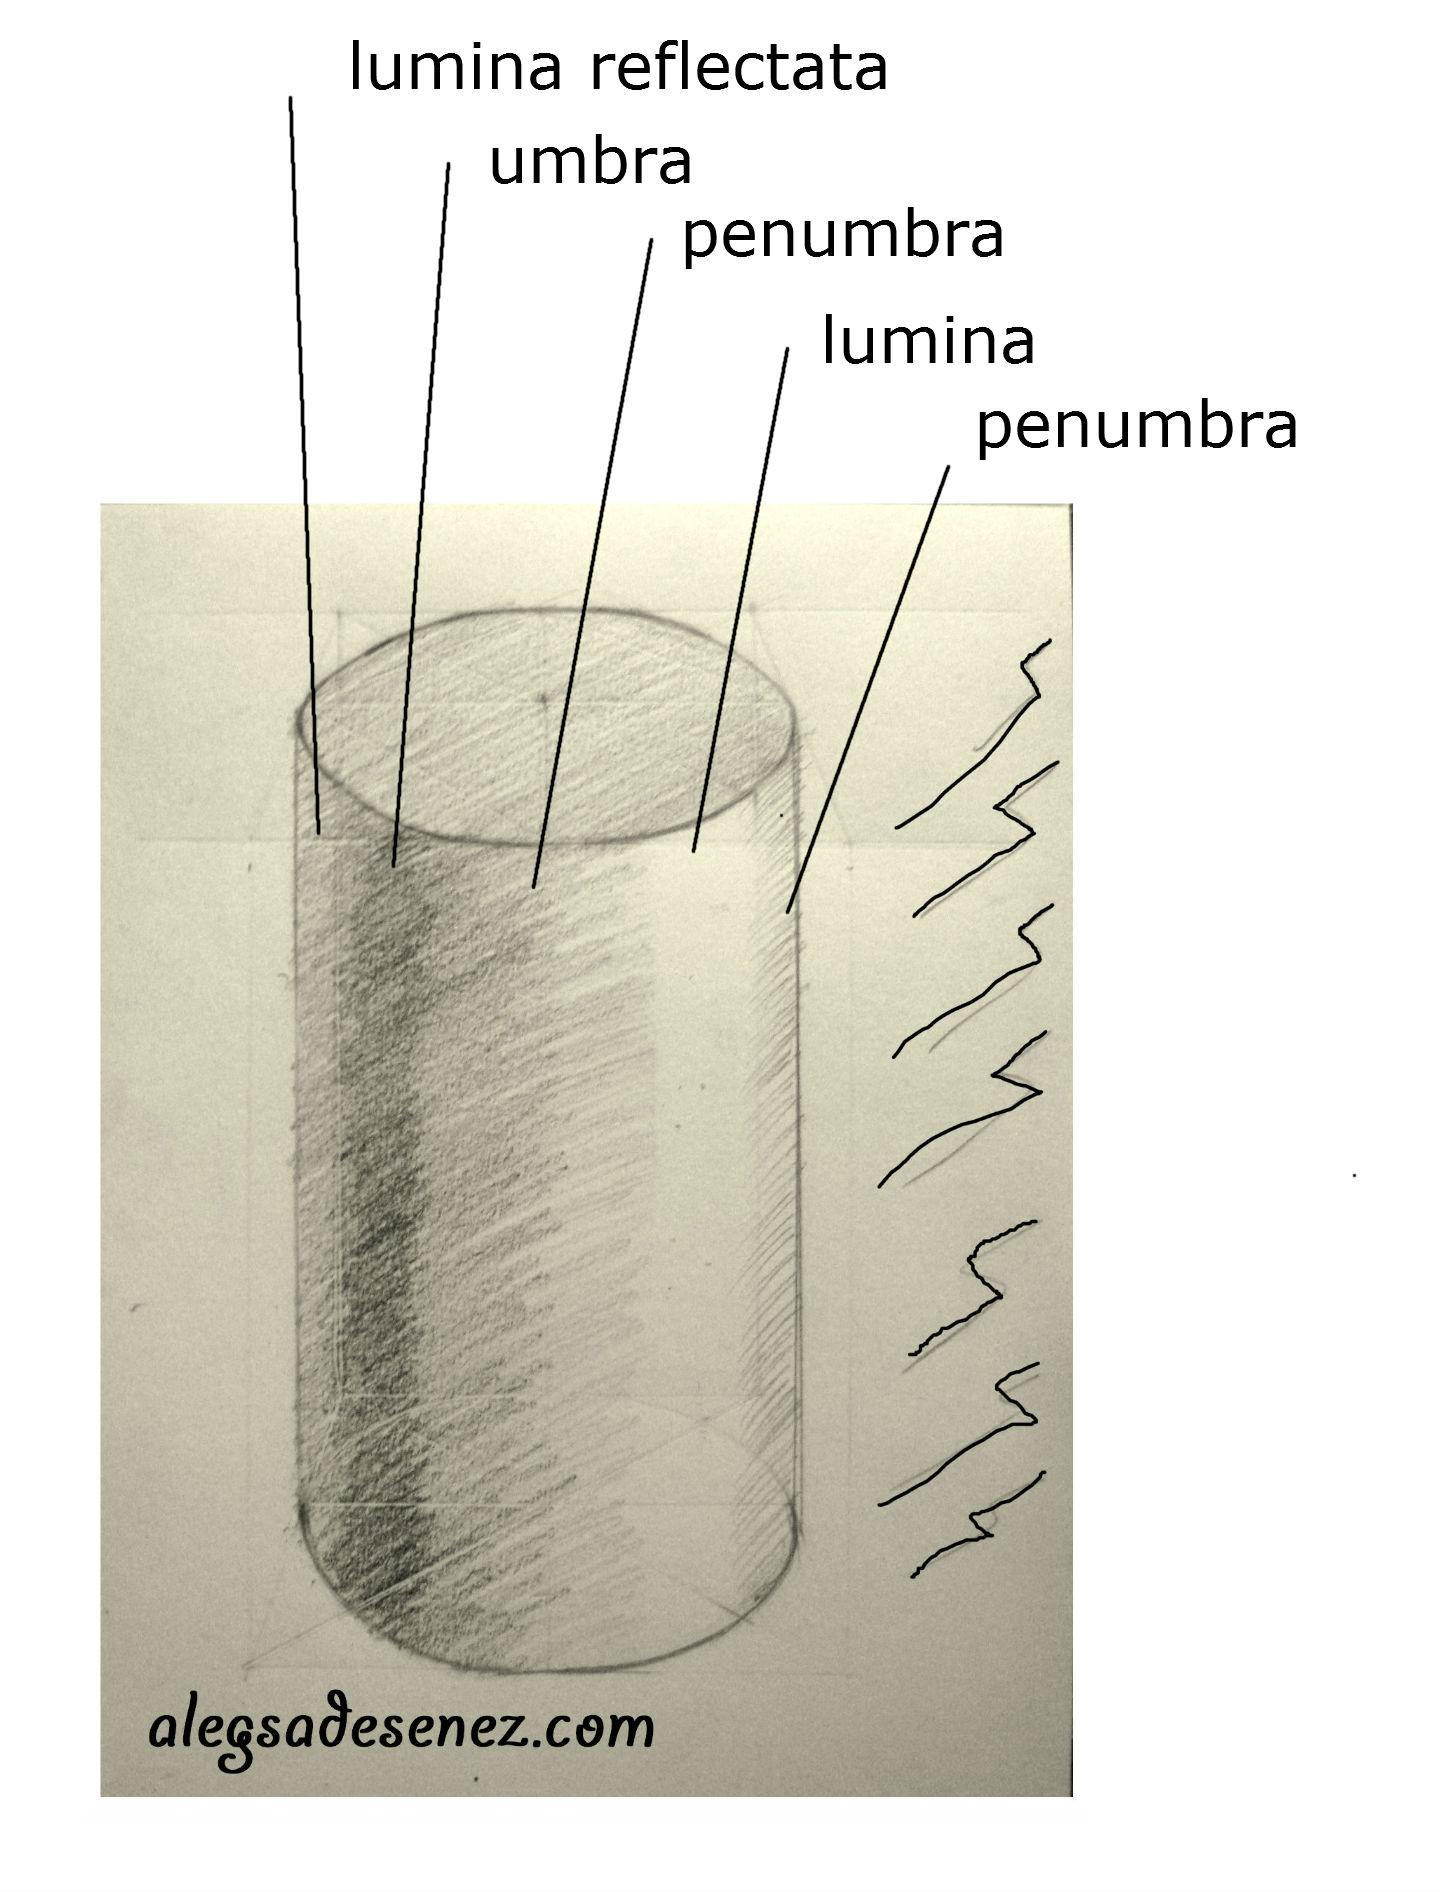 Cat de greu iti e sa desenezi un pahar? (partea 2)